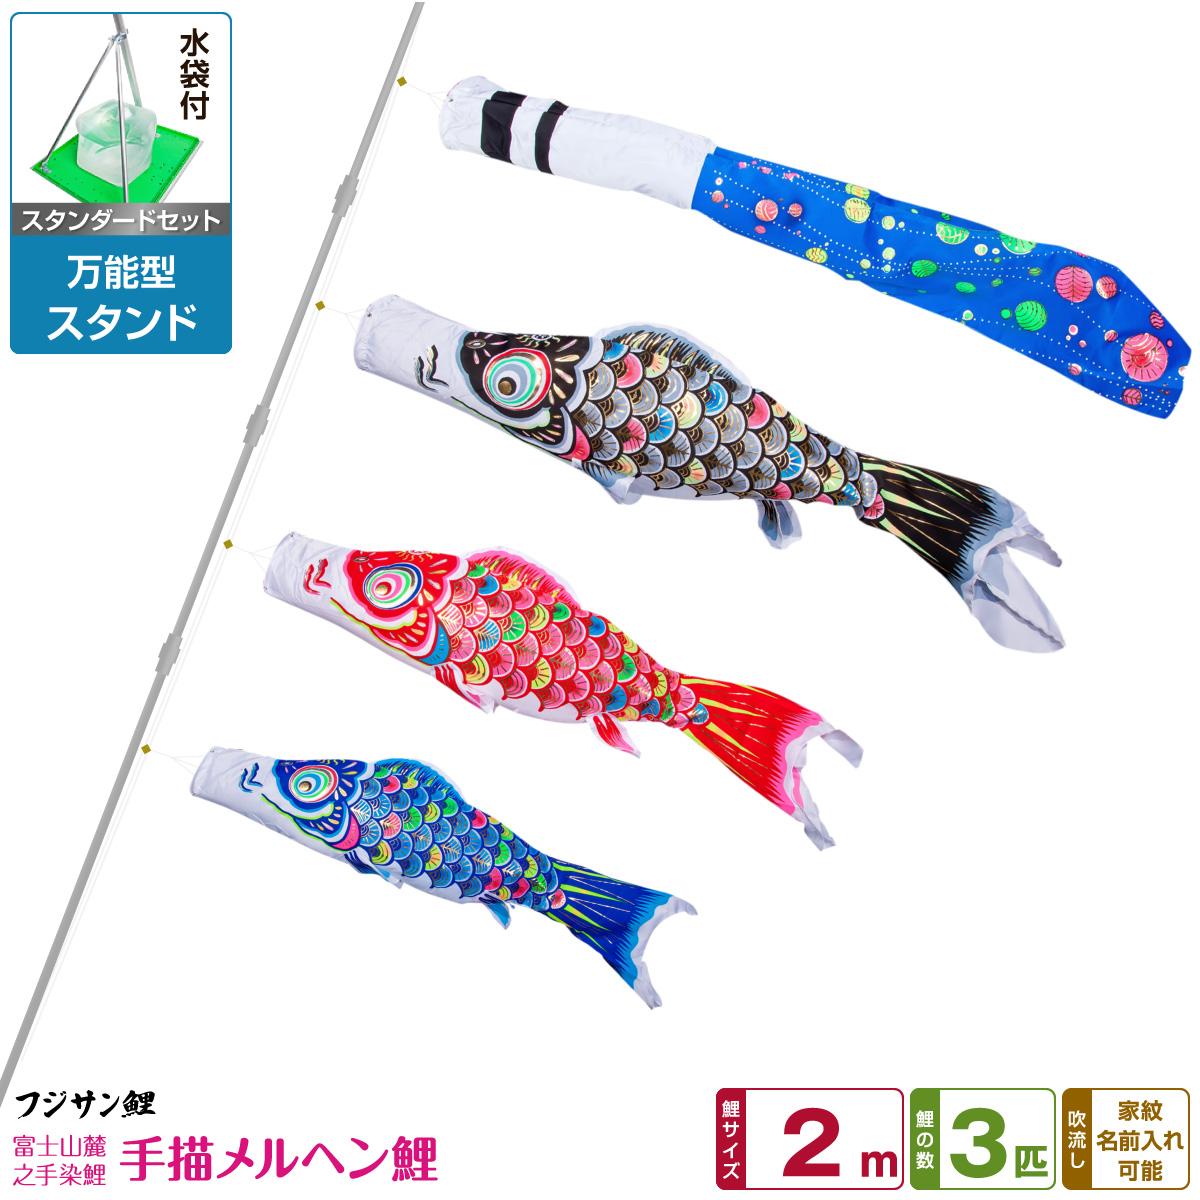 ベランダ用 こいのぼり 鯉のぼり フジサン鯉 手描メルヘン鯉 2m 6点(吹流し+鯉3匹+矢車+ロープ)/スタンダードセット(万能スタンド)